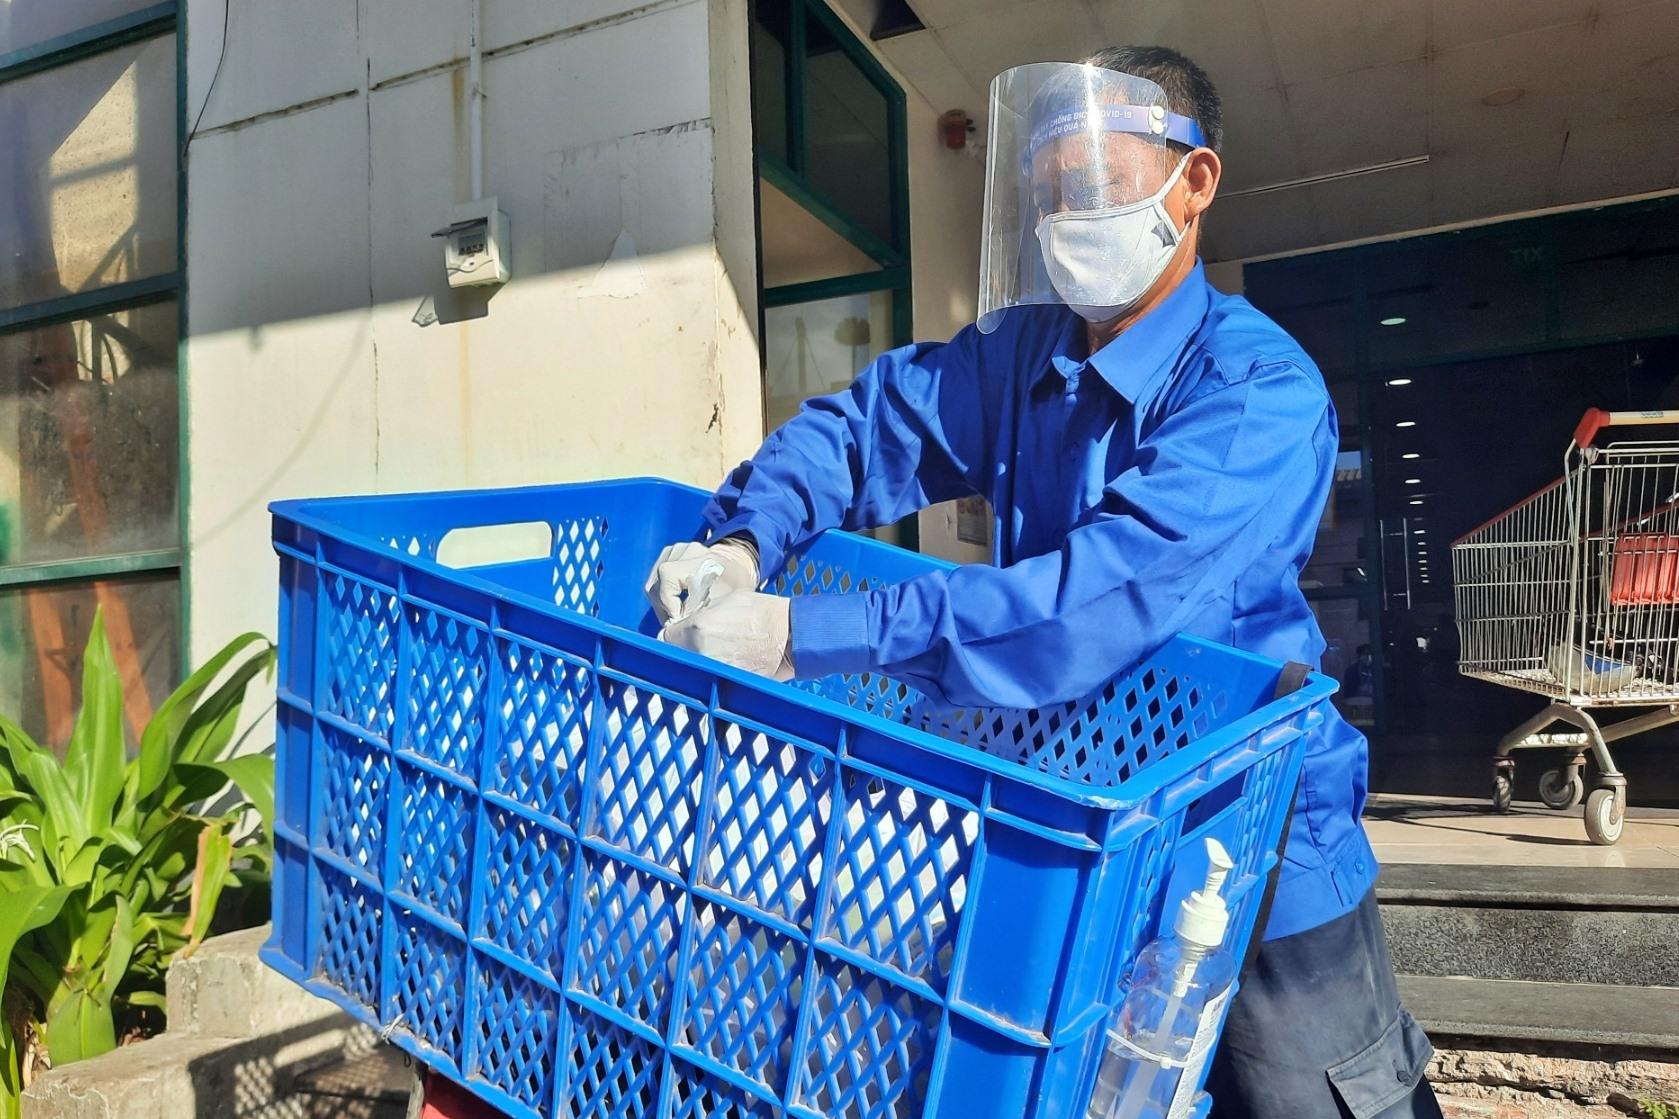 Các đơn vị, doanh nghiệp tự hỗ trợ, trang bị cho người giao hàng các kỹ năng, vật dụng cá nhân để phòng chống lây nhiễm SARS-CoV-2. Ảnh:H.Đ